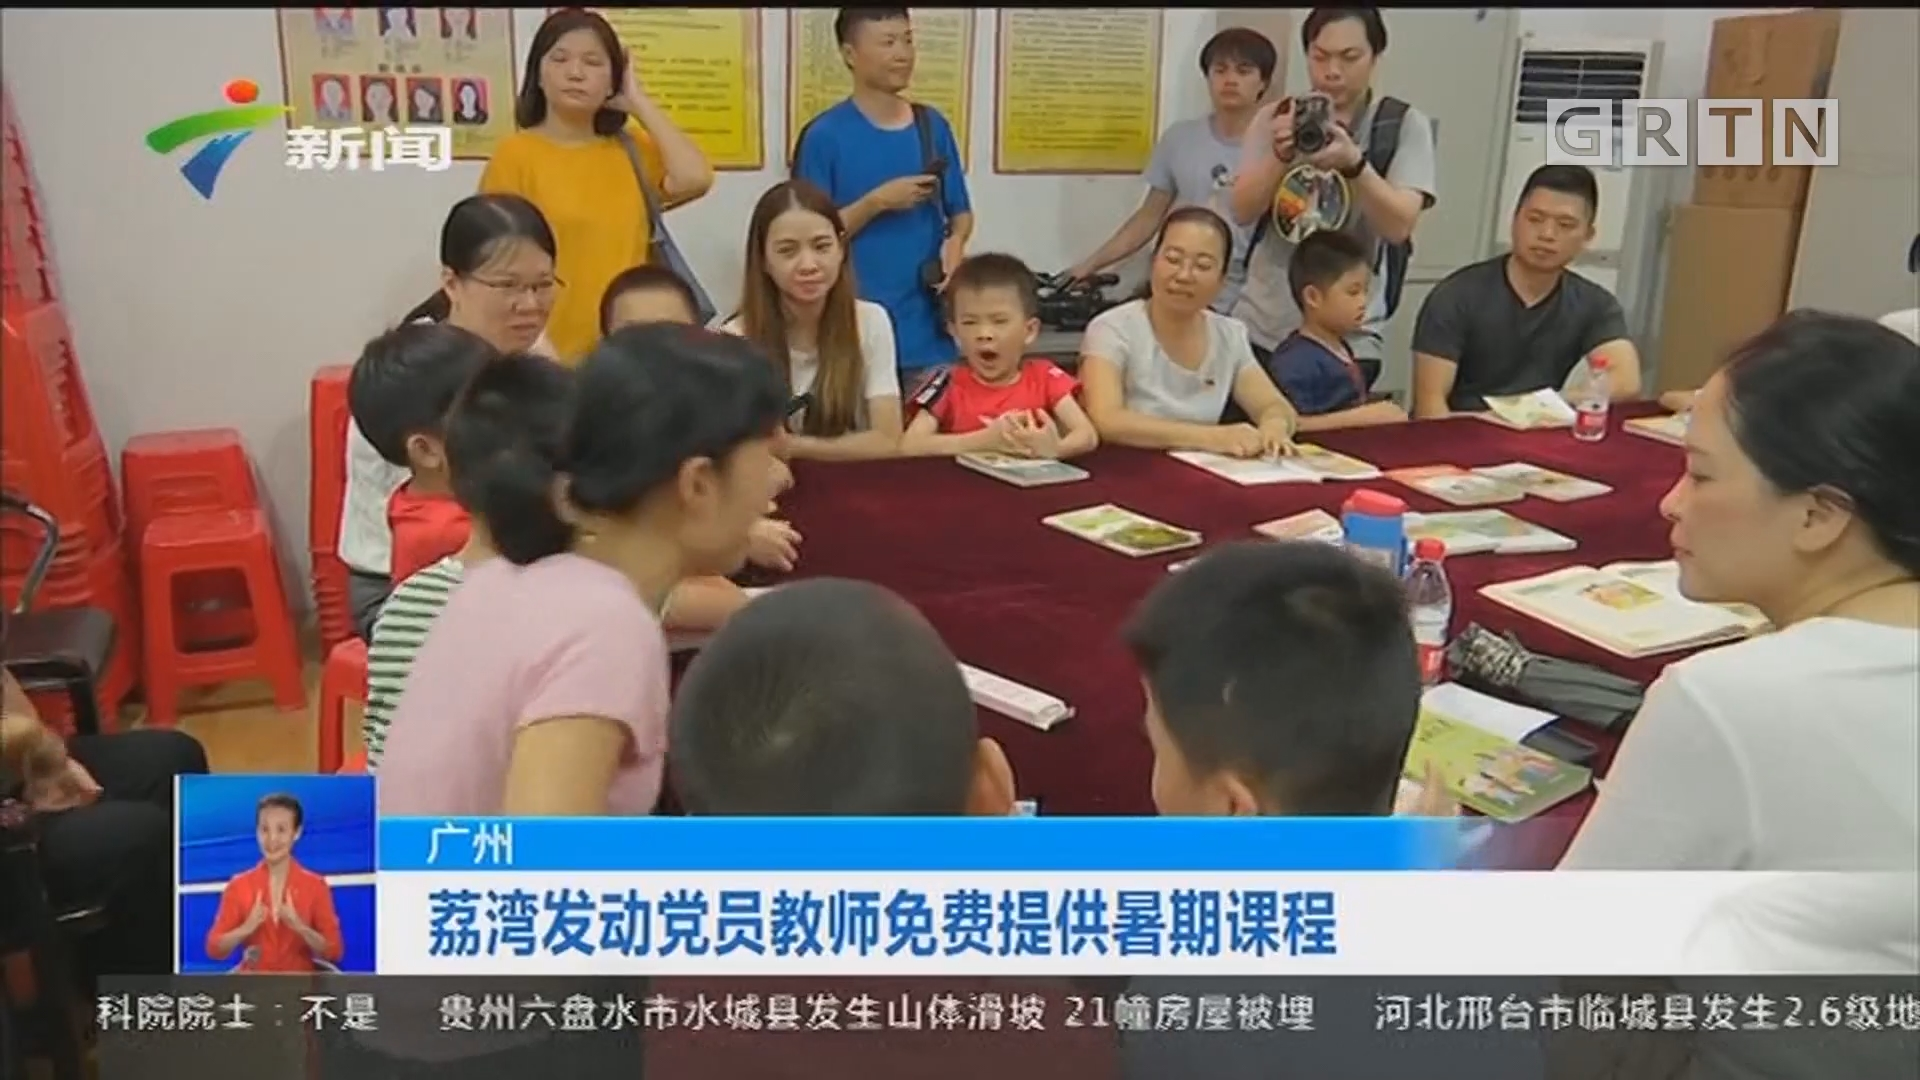 广州:荔湾发动党员教师免费提供暑期课程